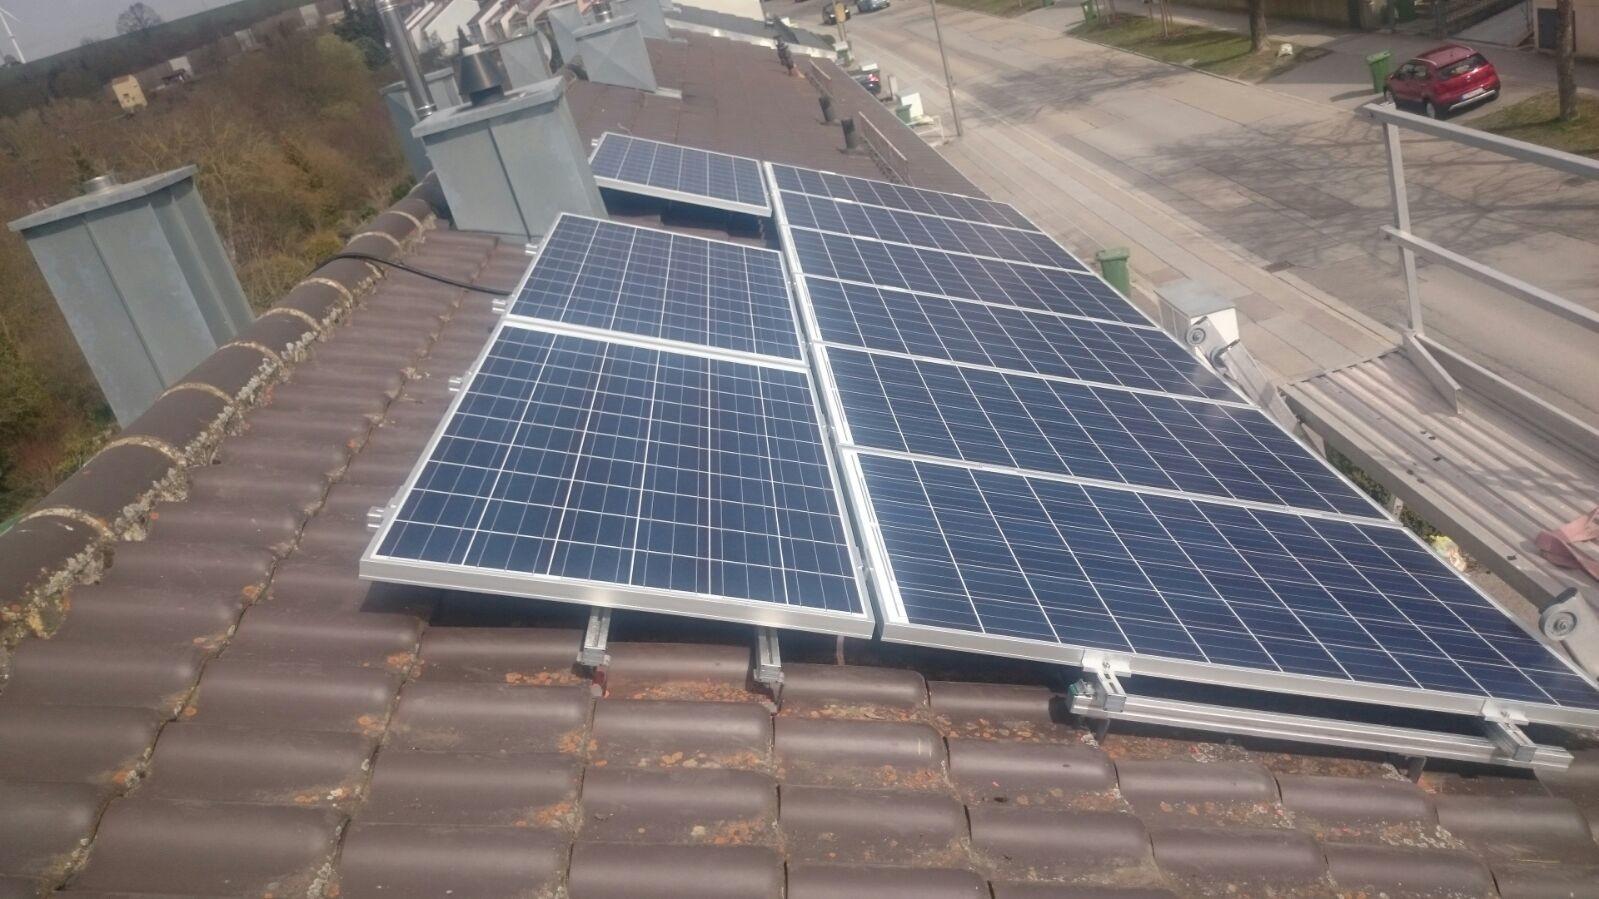 5,46 kWp Photovoltaikanlage mit Solarwatt Glas/Glas Module 30 Jahre Garantie mit Samsung Speicher in Regensburg